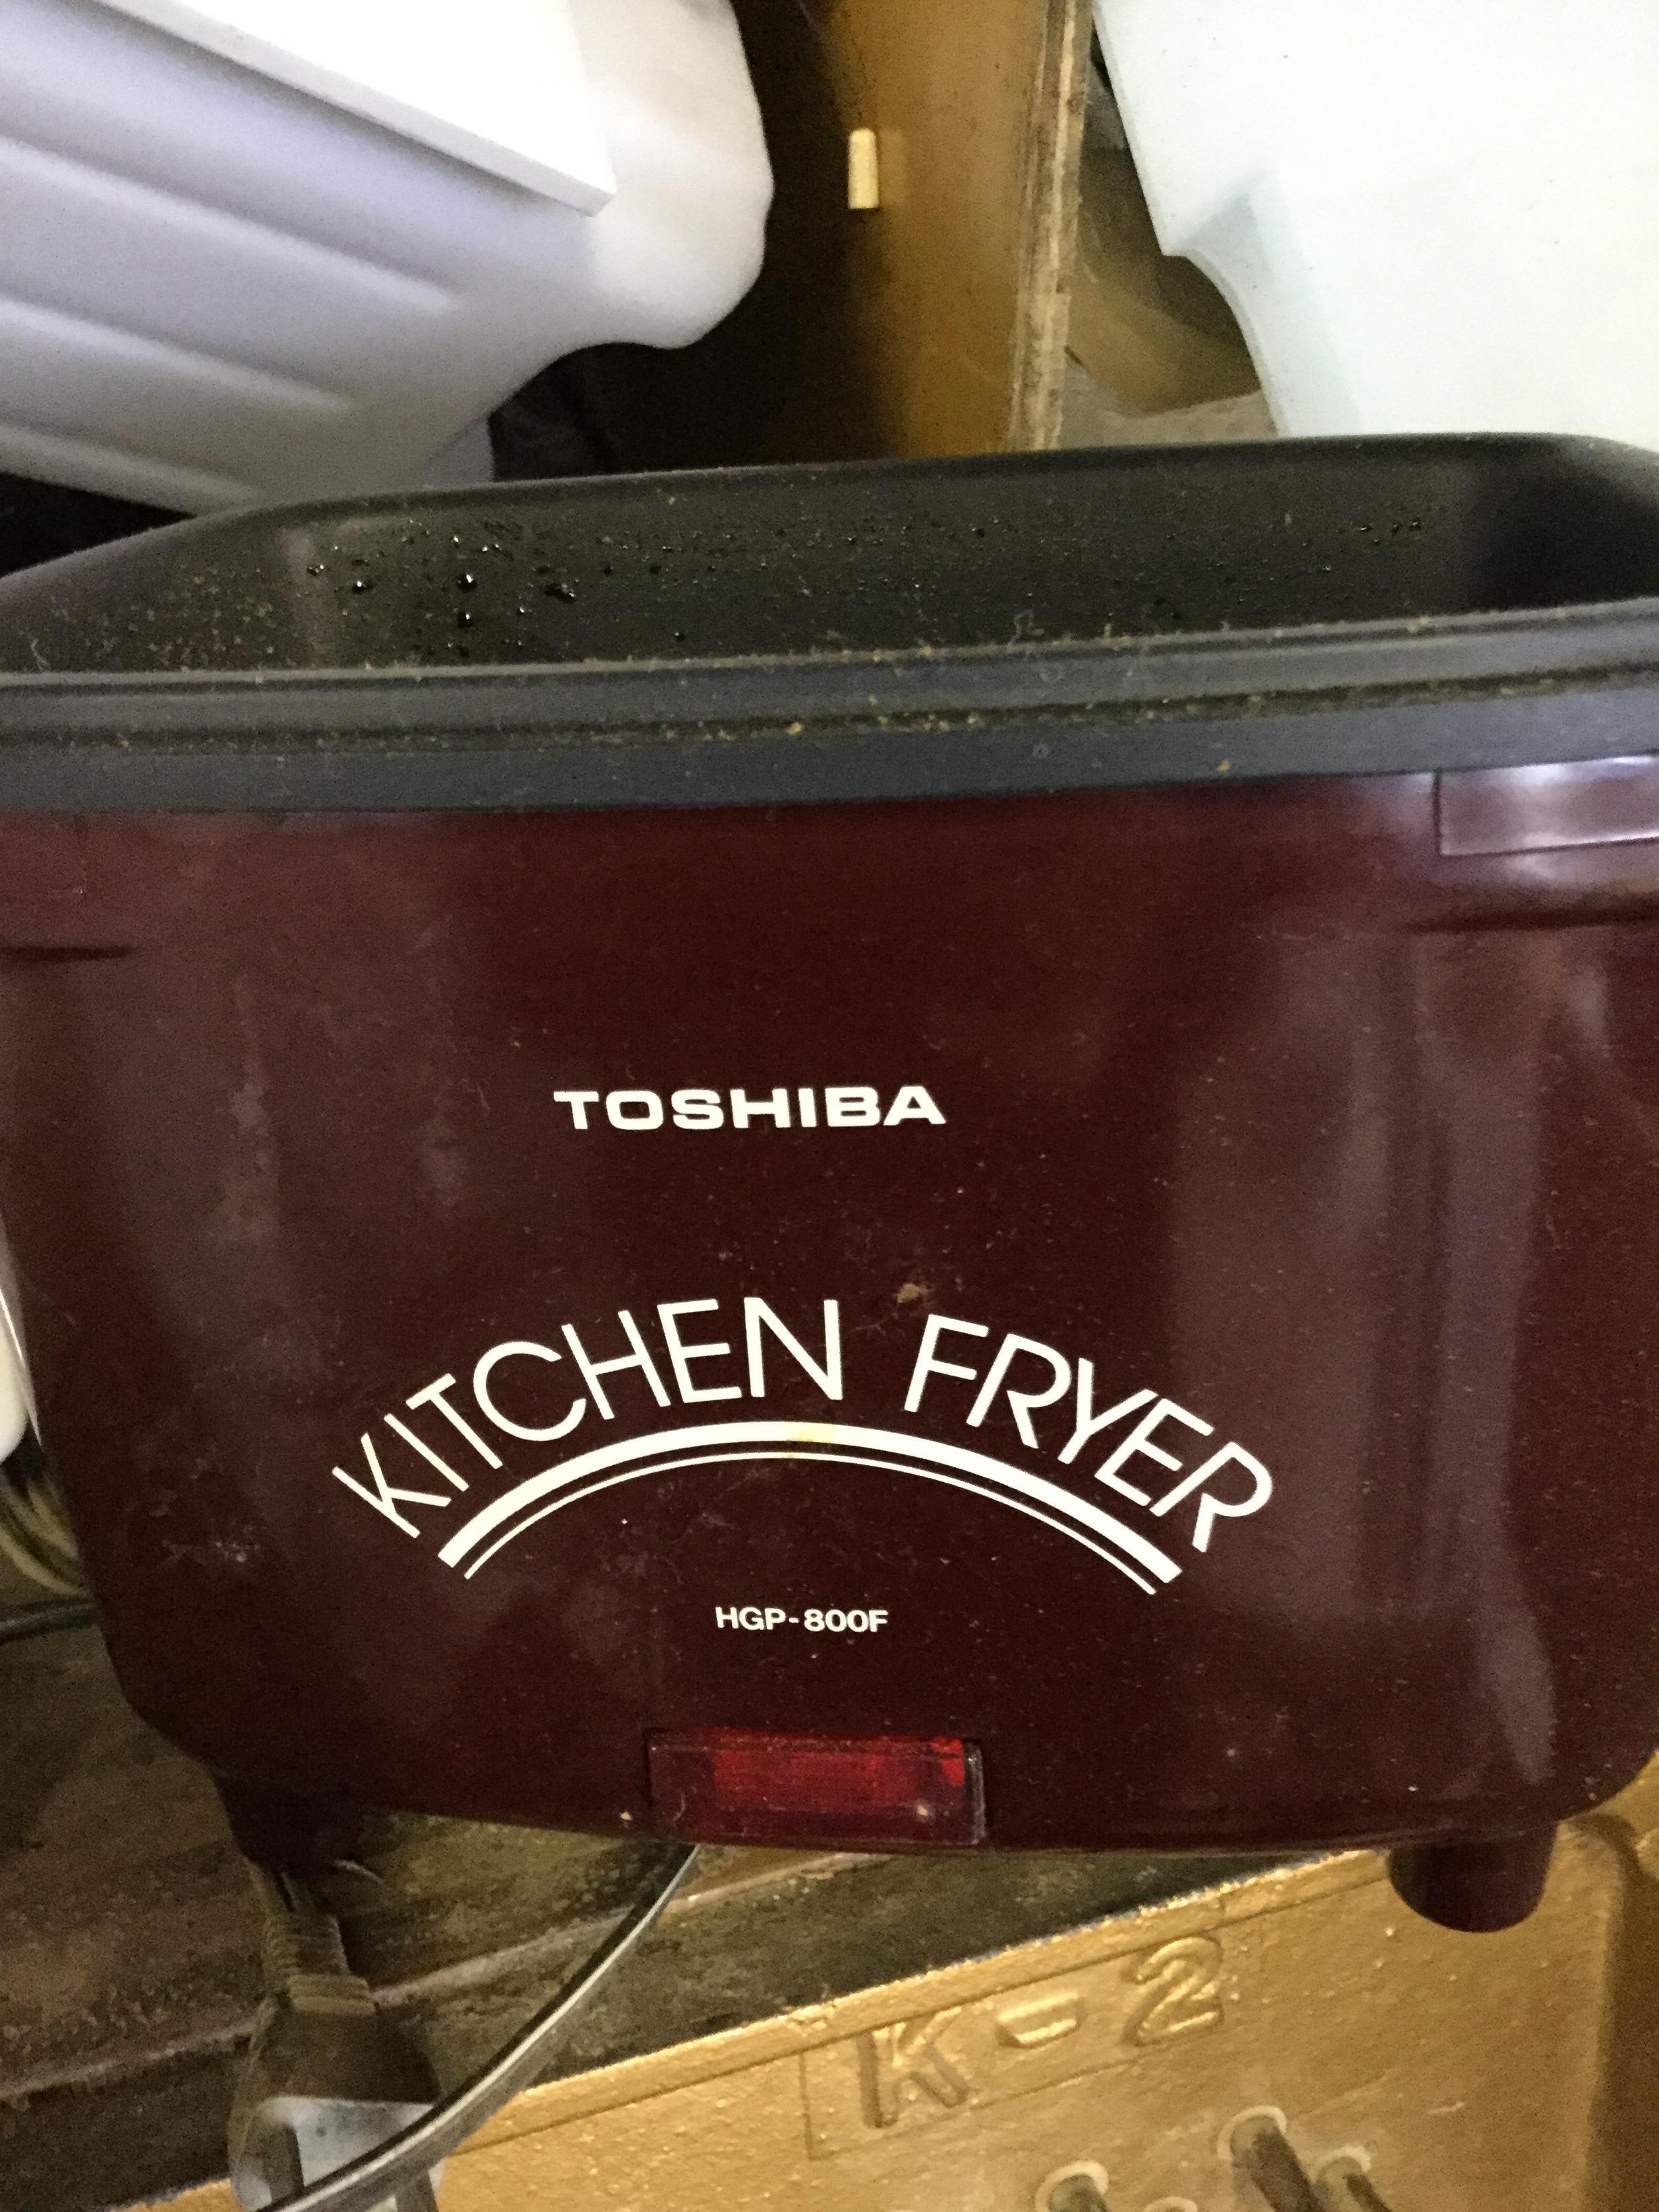 キッチンフライヤーです。